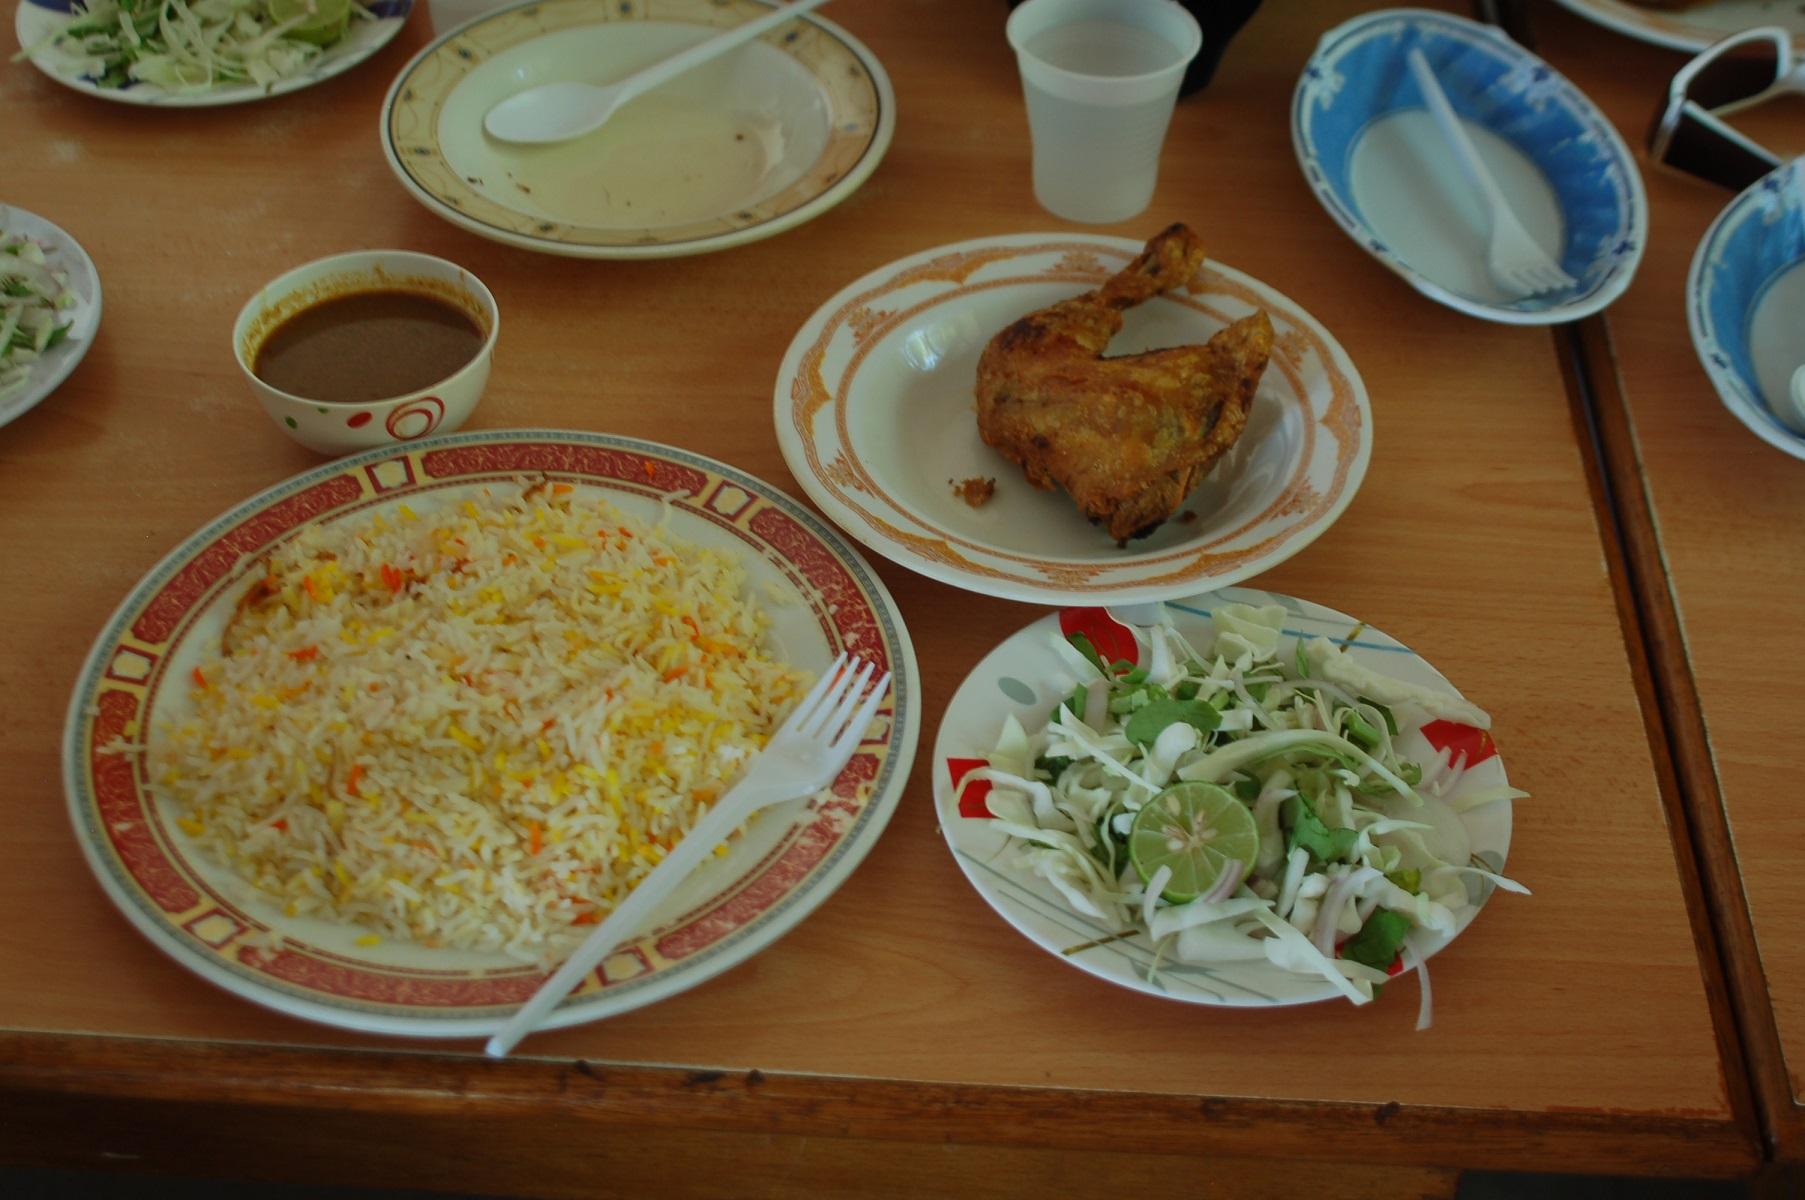 Oman - Fastfood auf arabisch: Reis mit Soße und Hühnchen immer wieder anderes zubereitet , dazu gibt es Salat, ist lecker und macht satt.